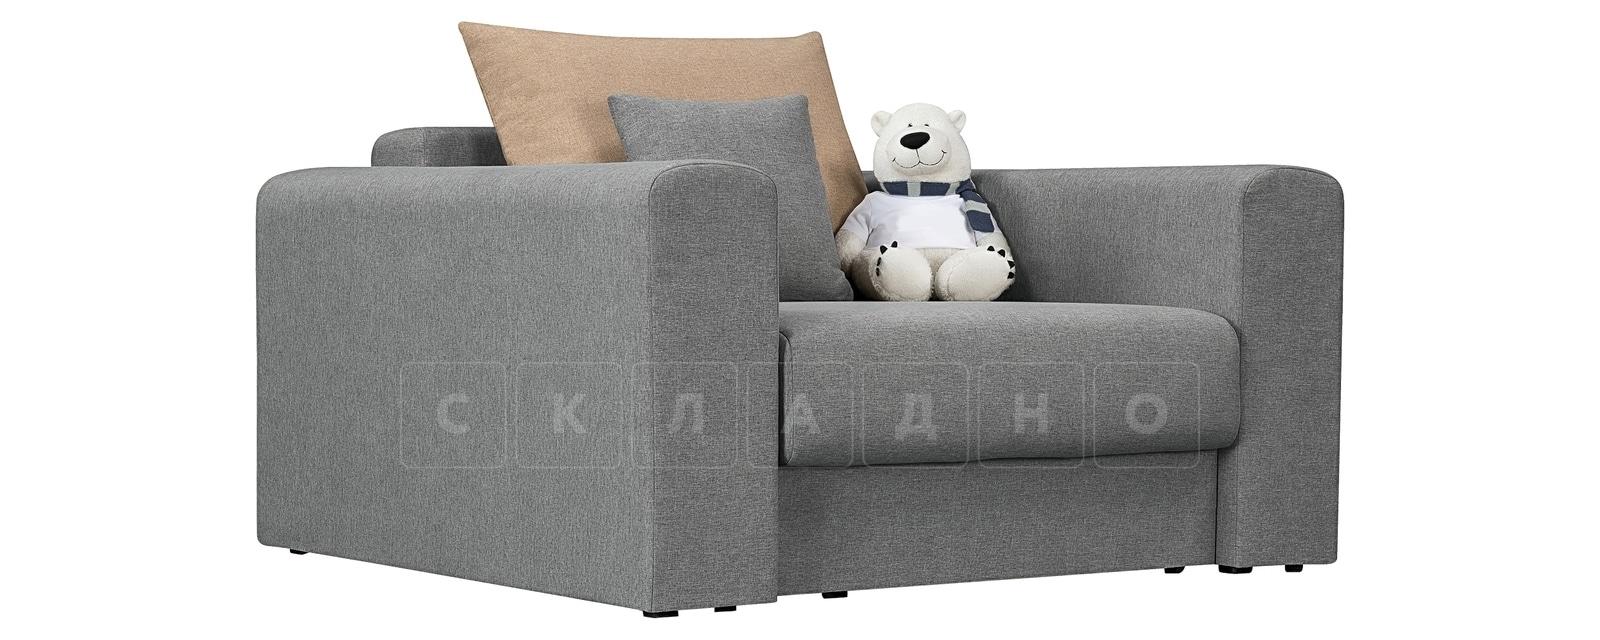 Кресло Медисон 80 см серого цвета фото 1 | интернет-магазин Складно